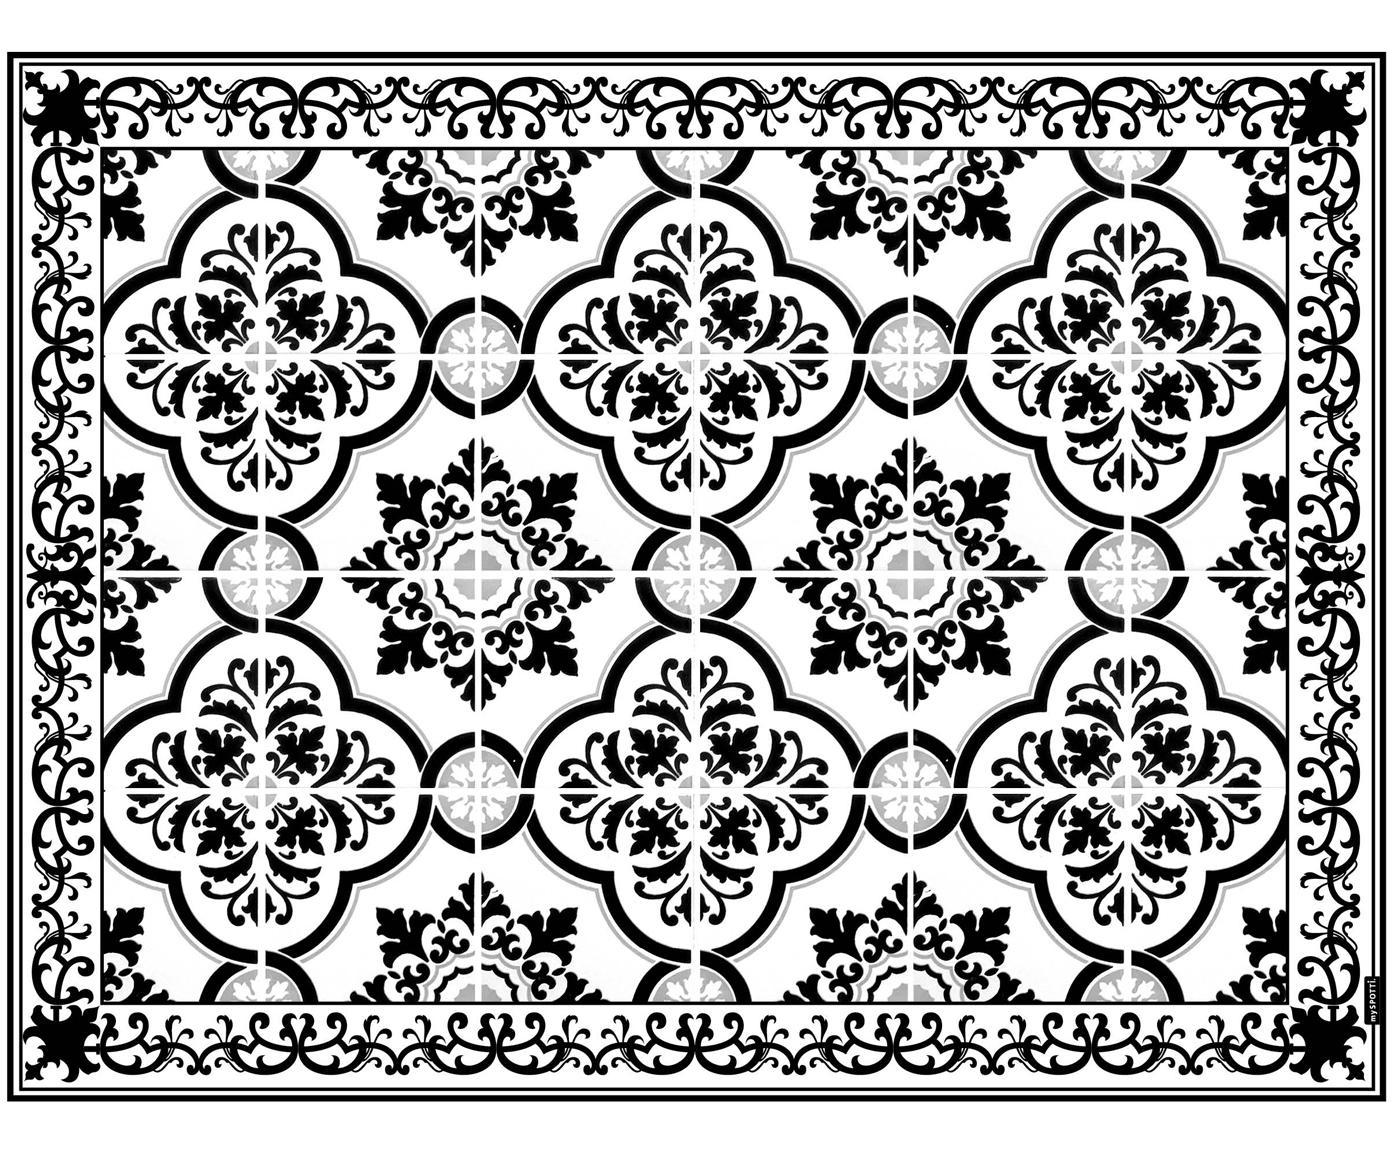 Passatoia in vinile riciclabile Elena, Vinile riciclabile, Nero, bianco, grigio, Larg. 65 x Lung. 85 cm